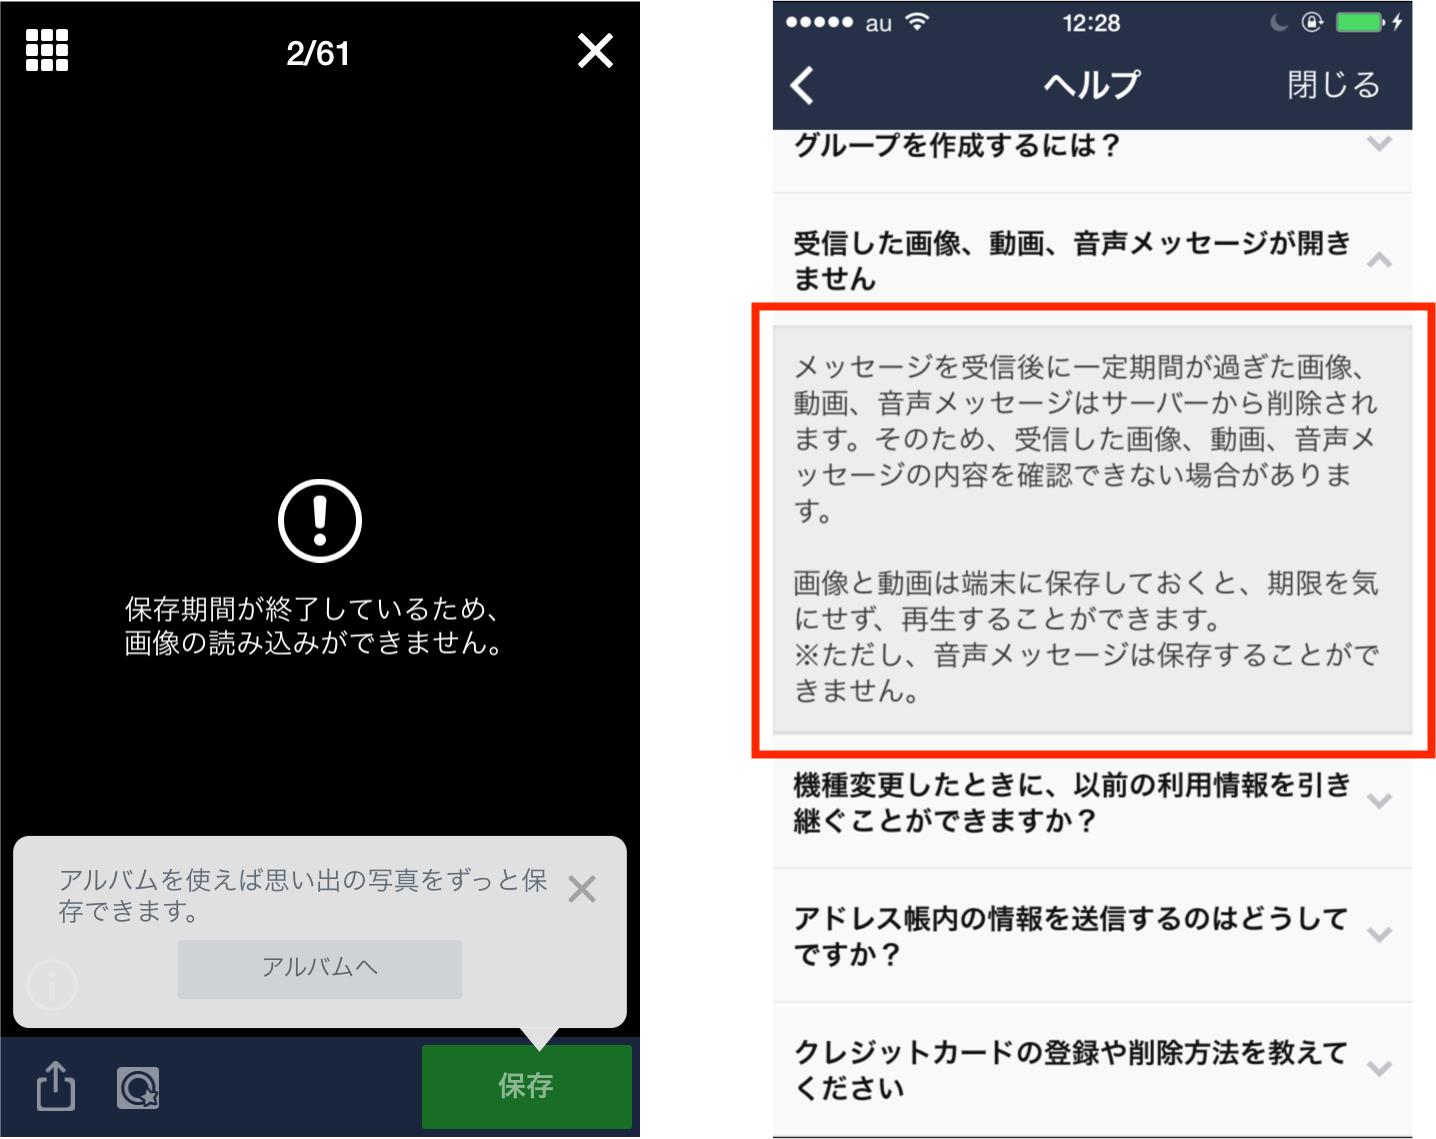 ブック 保存 アイフォン pdf